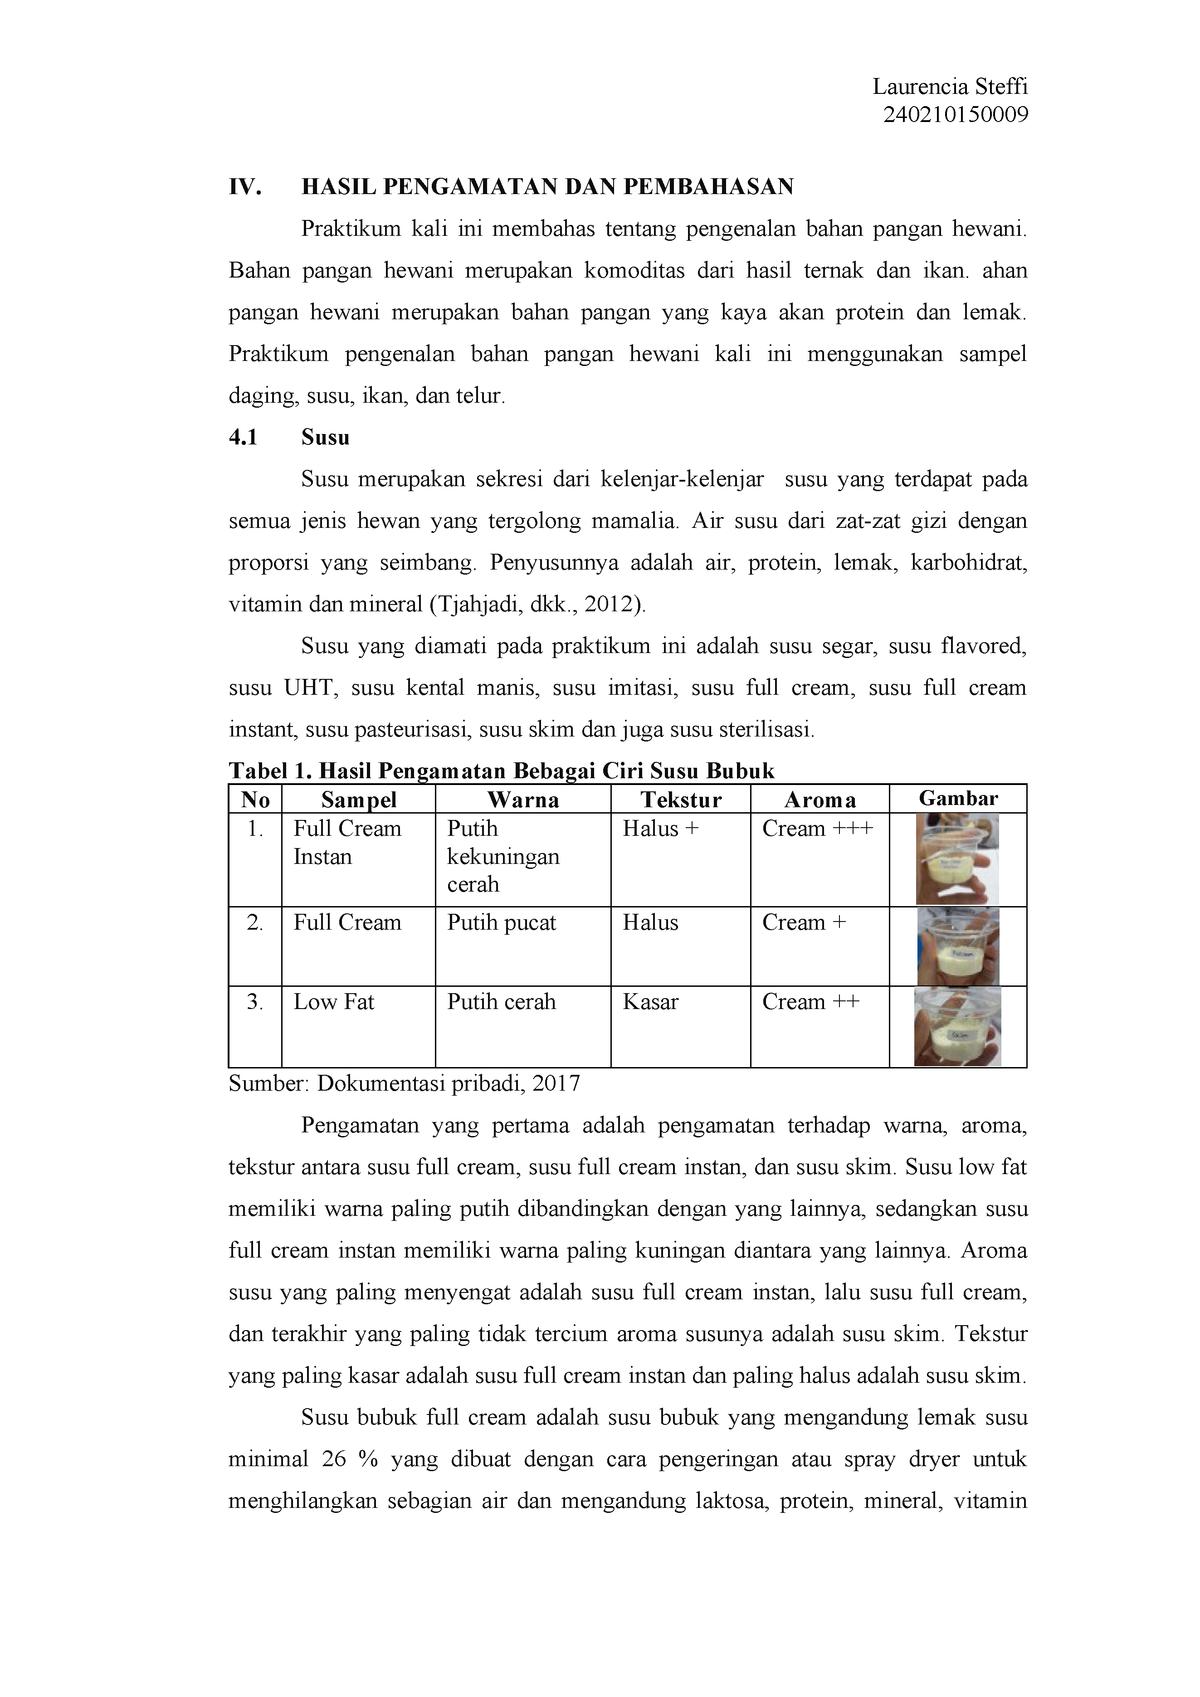 Laprak Kbp2 Pengenalan Bahan Pangan Pangan Hewani Studocu